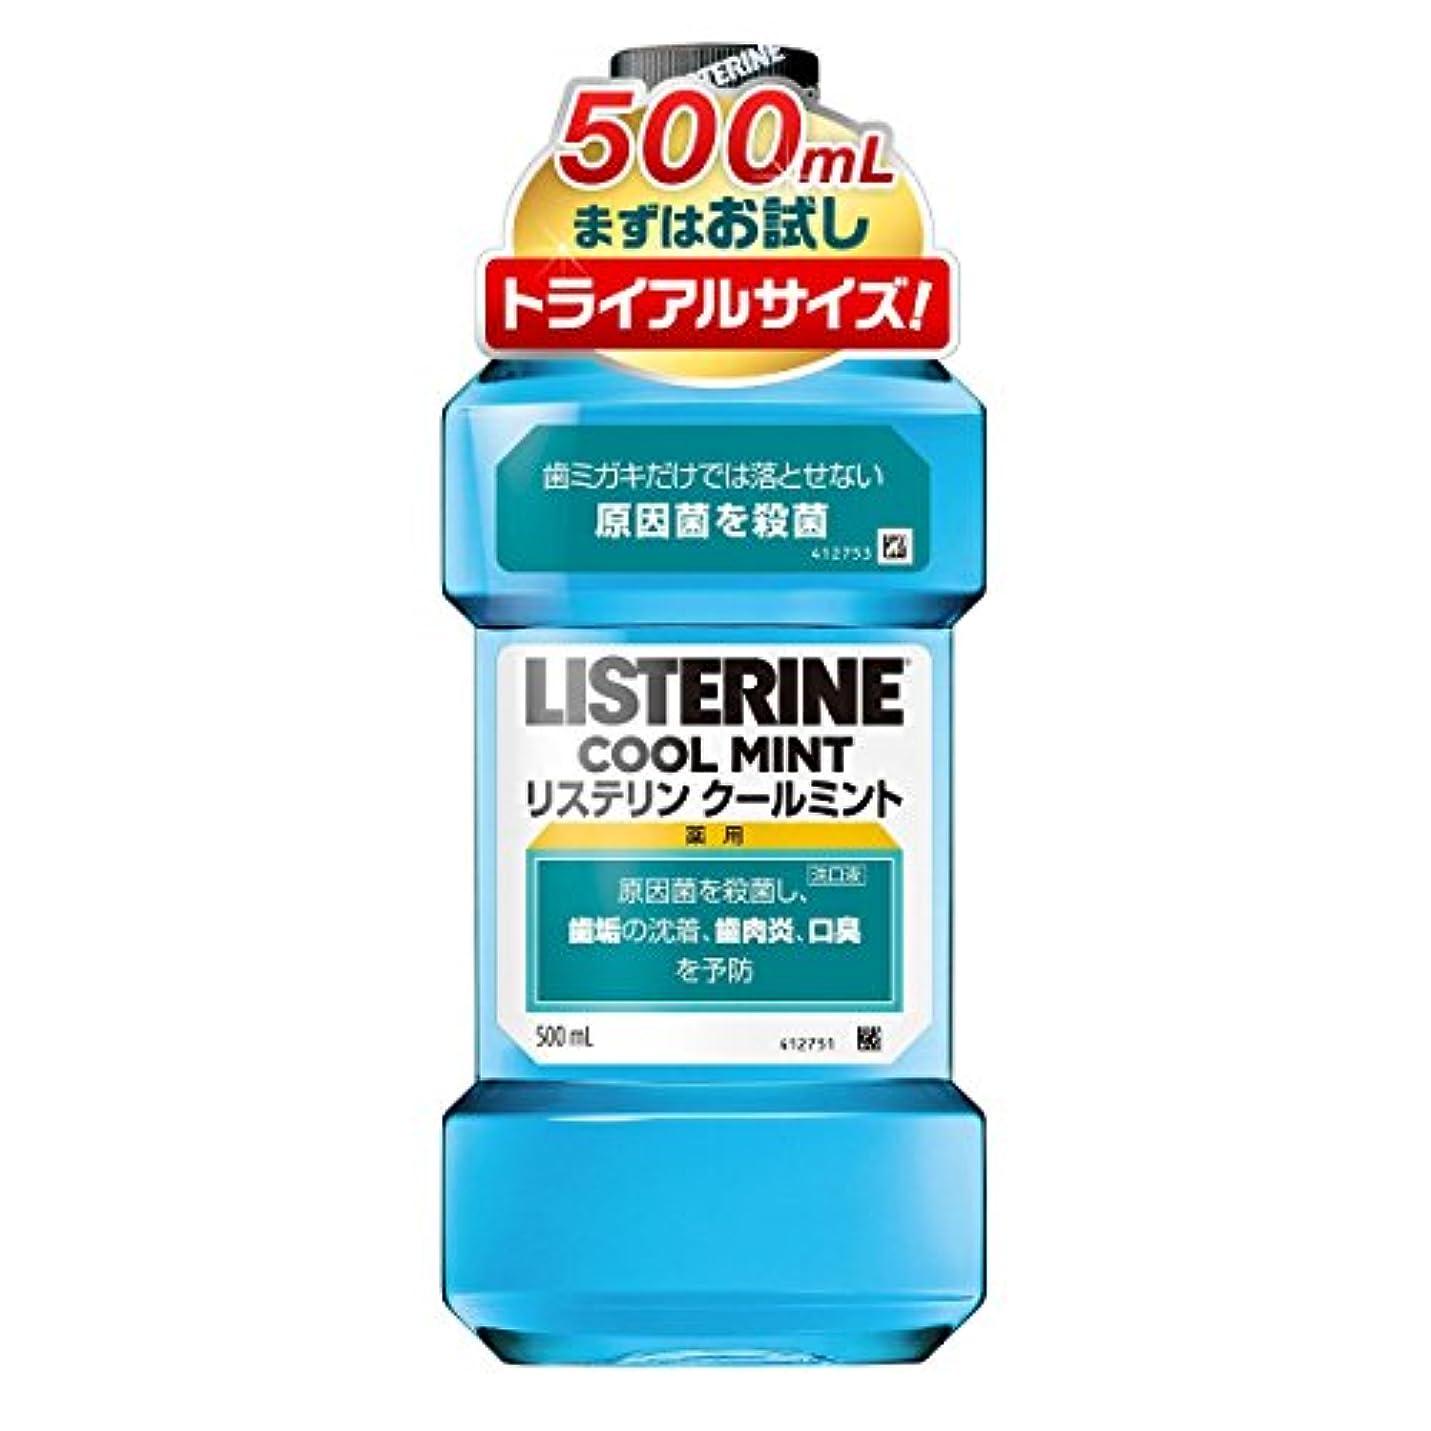 エクスタシーマーキー胆嚢薬用 LISTERINE リステリン クールミント 500mL [医薬部外品]